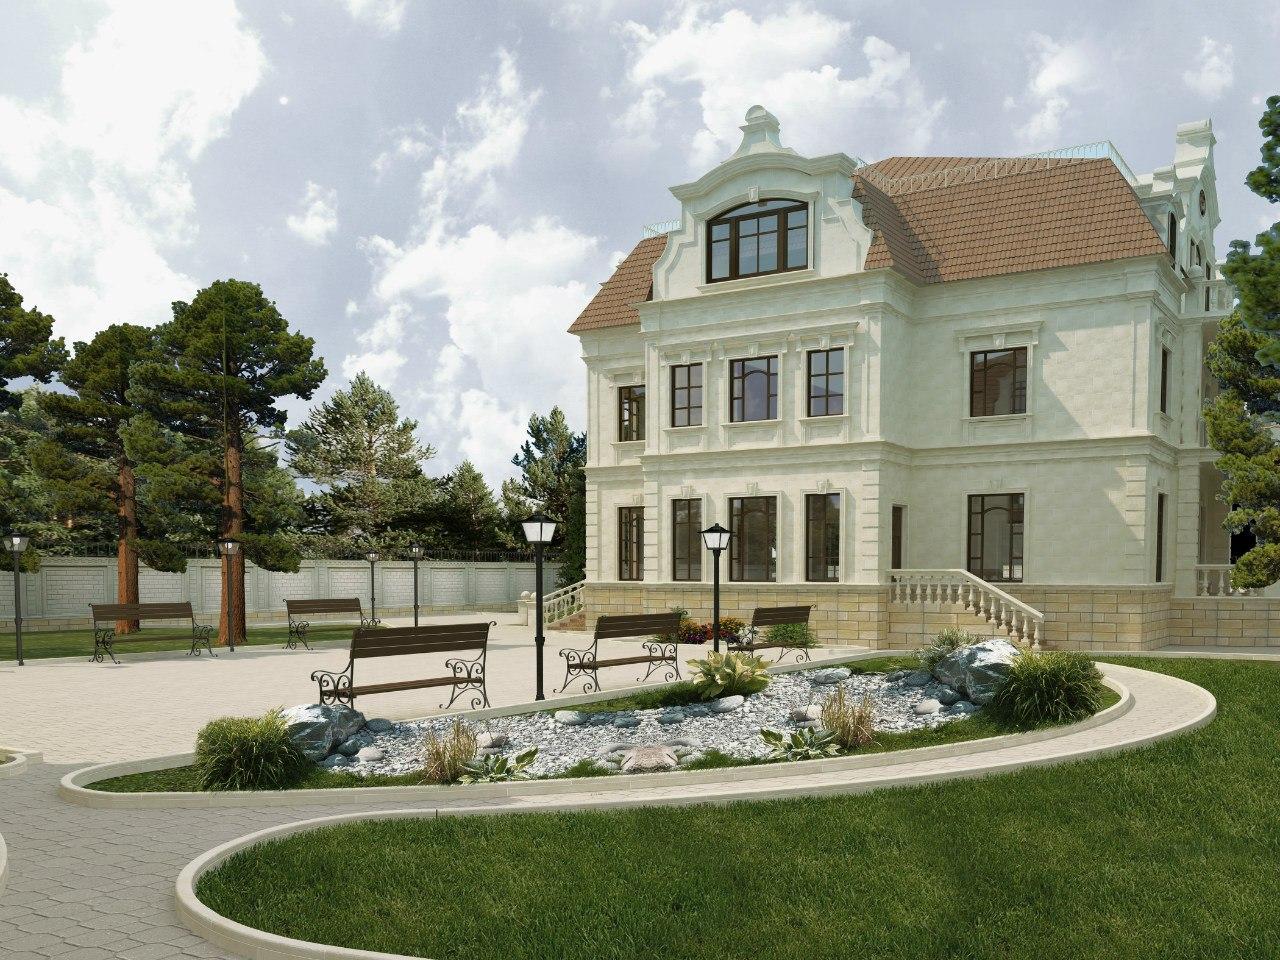 Дизайн экстерьера дома и прилегающей территории